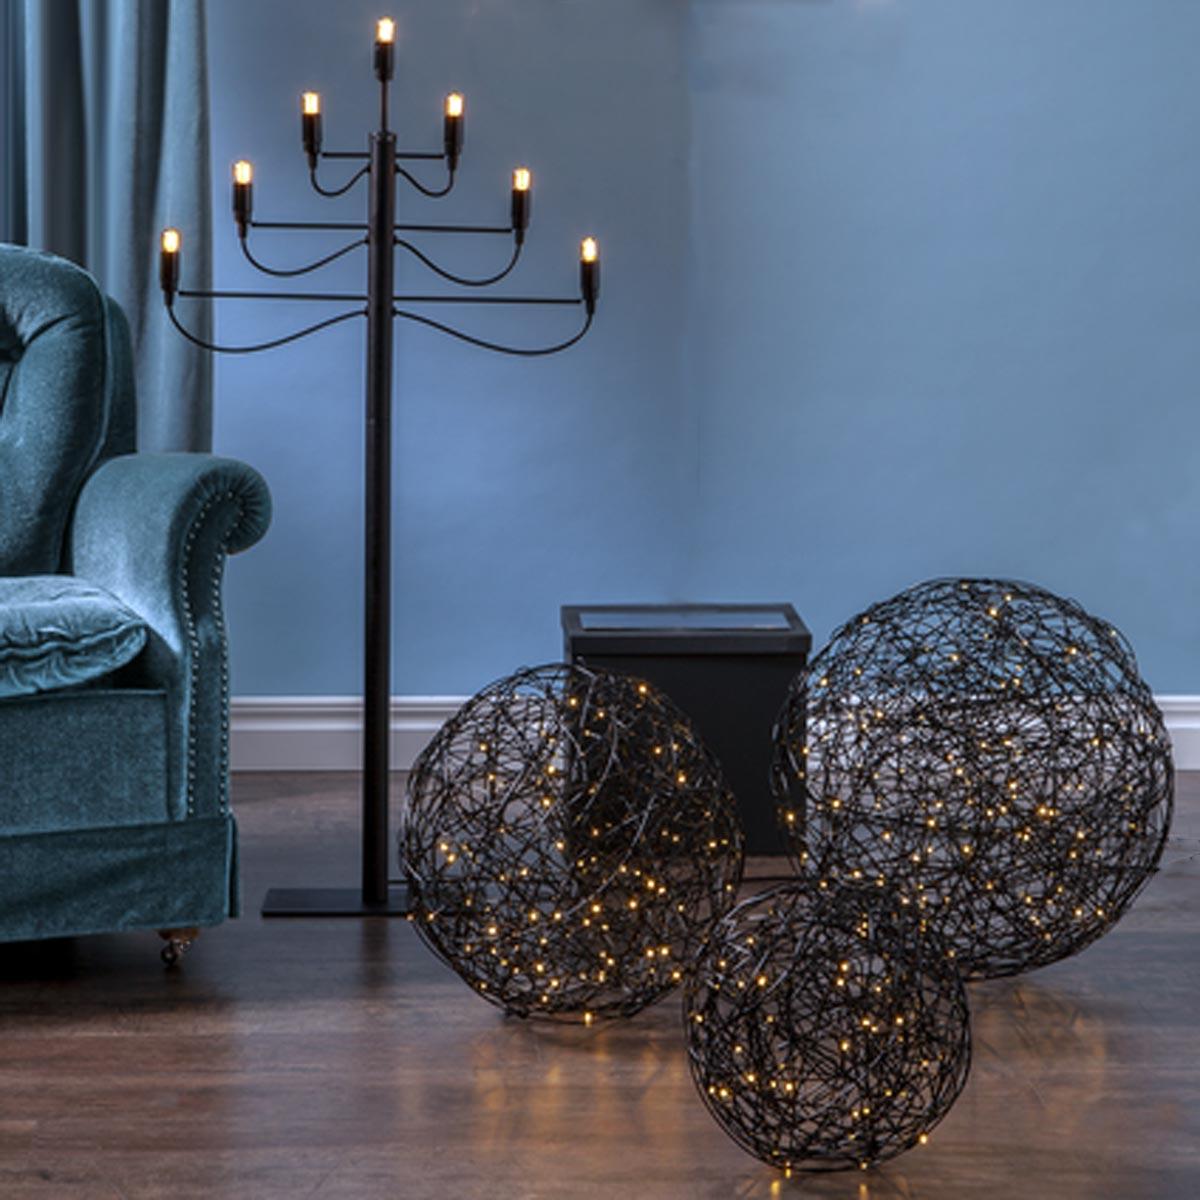 Lichtkugeln sind für Innenräume und für den Garten